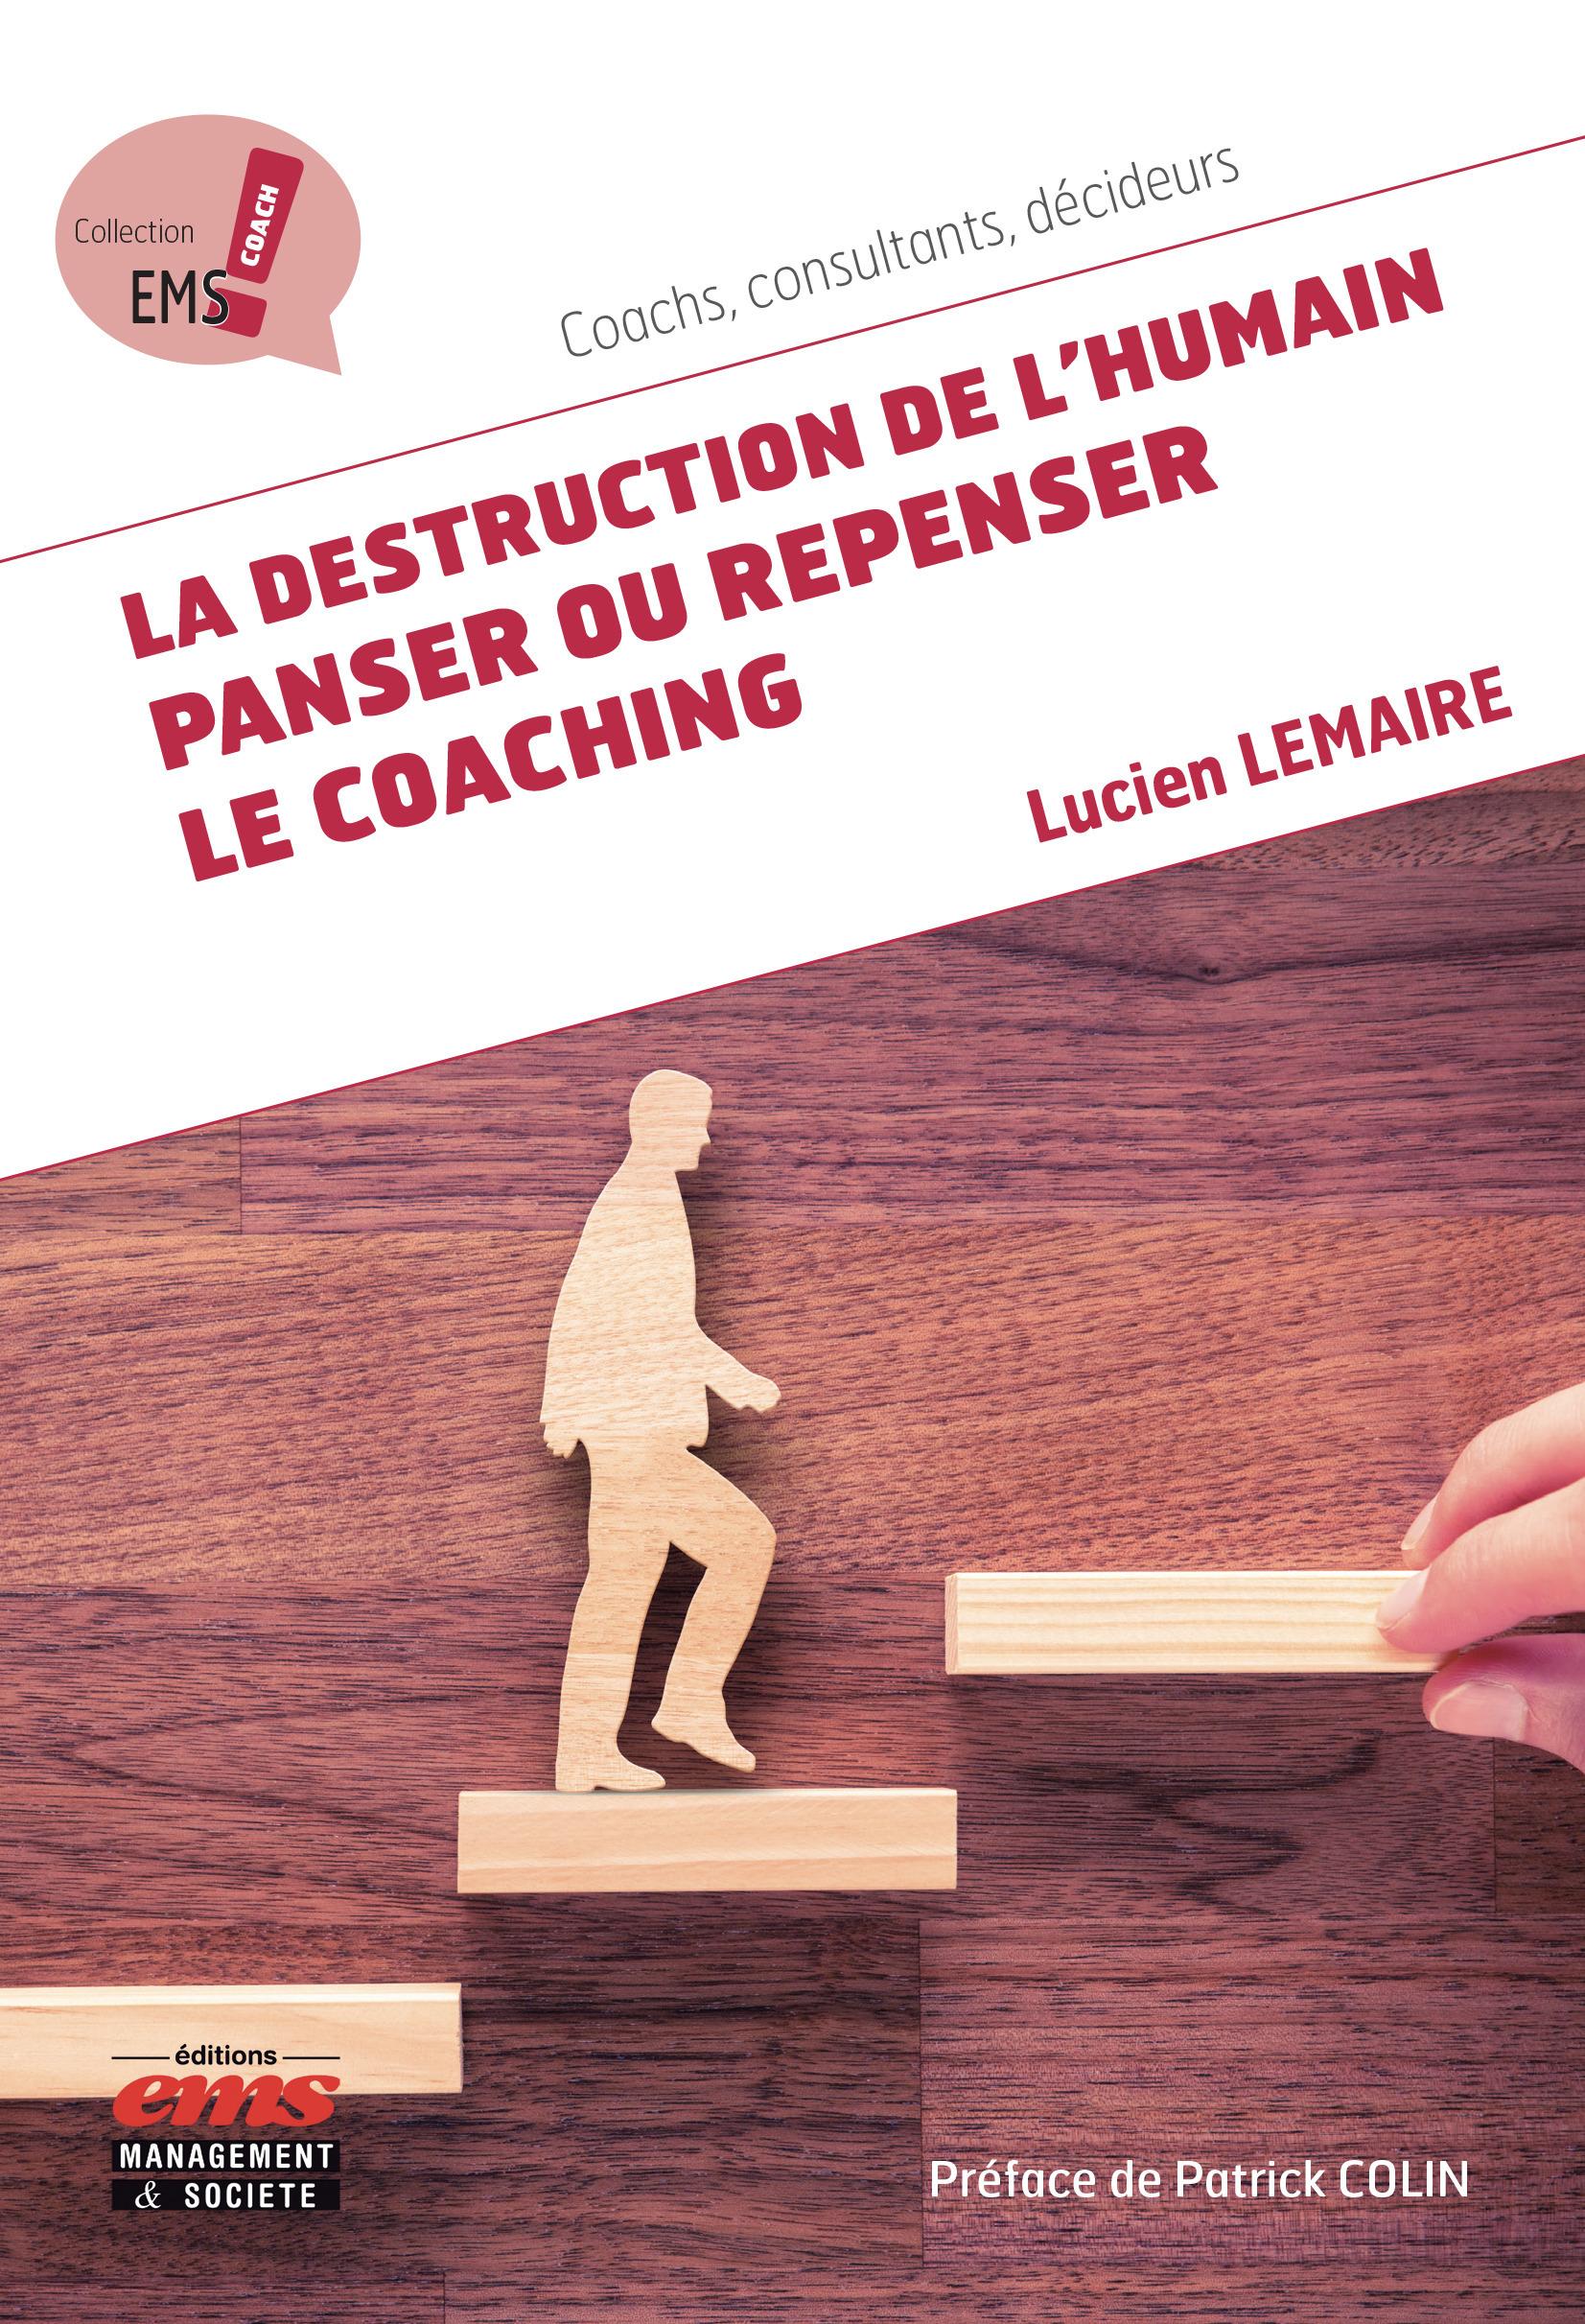 La destruction de l'humain : panser ou repenser le coaching